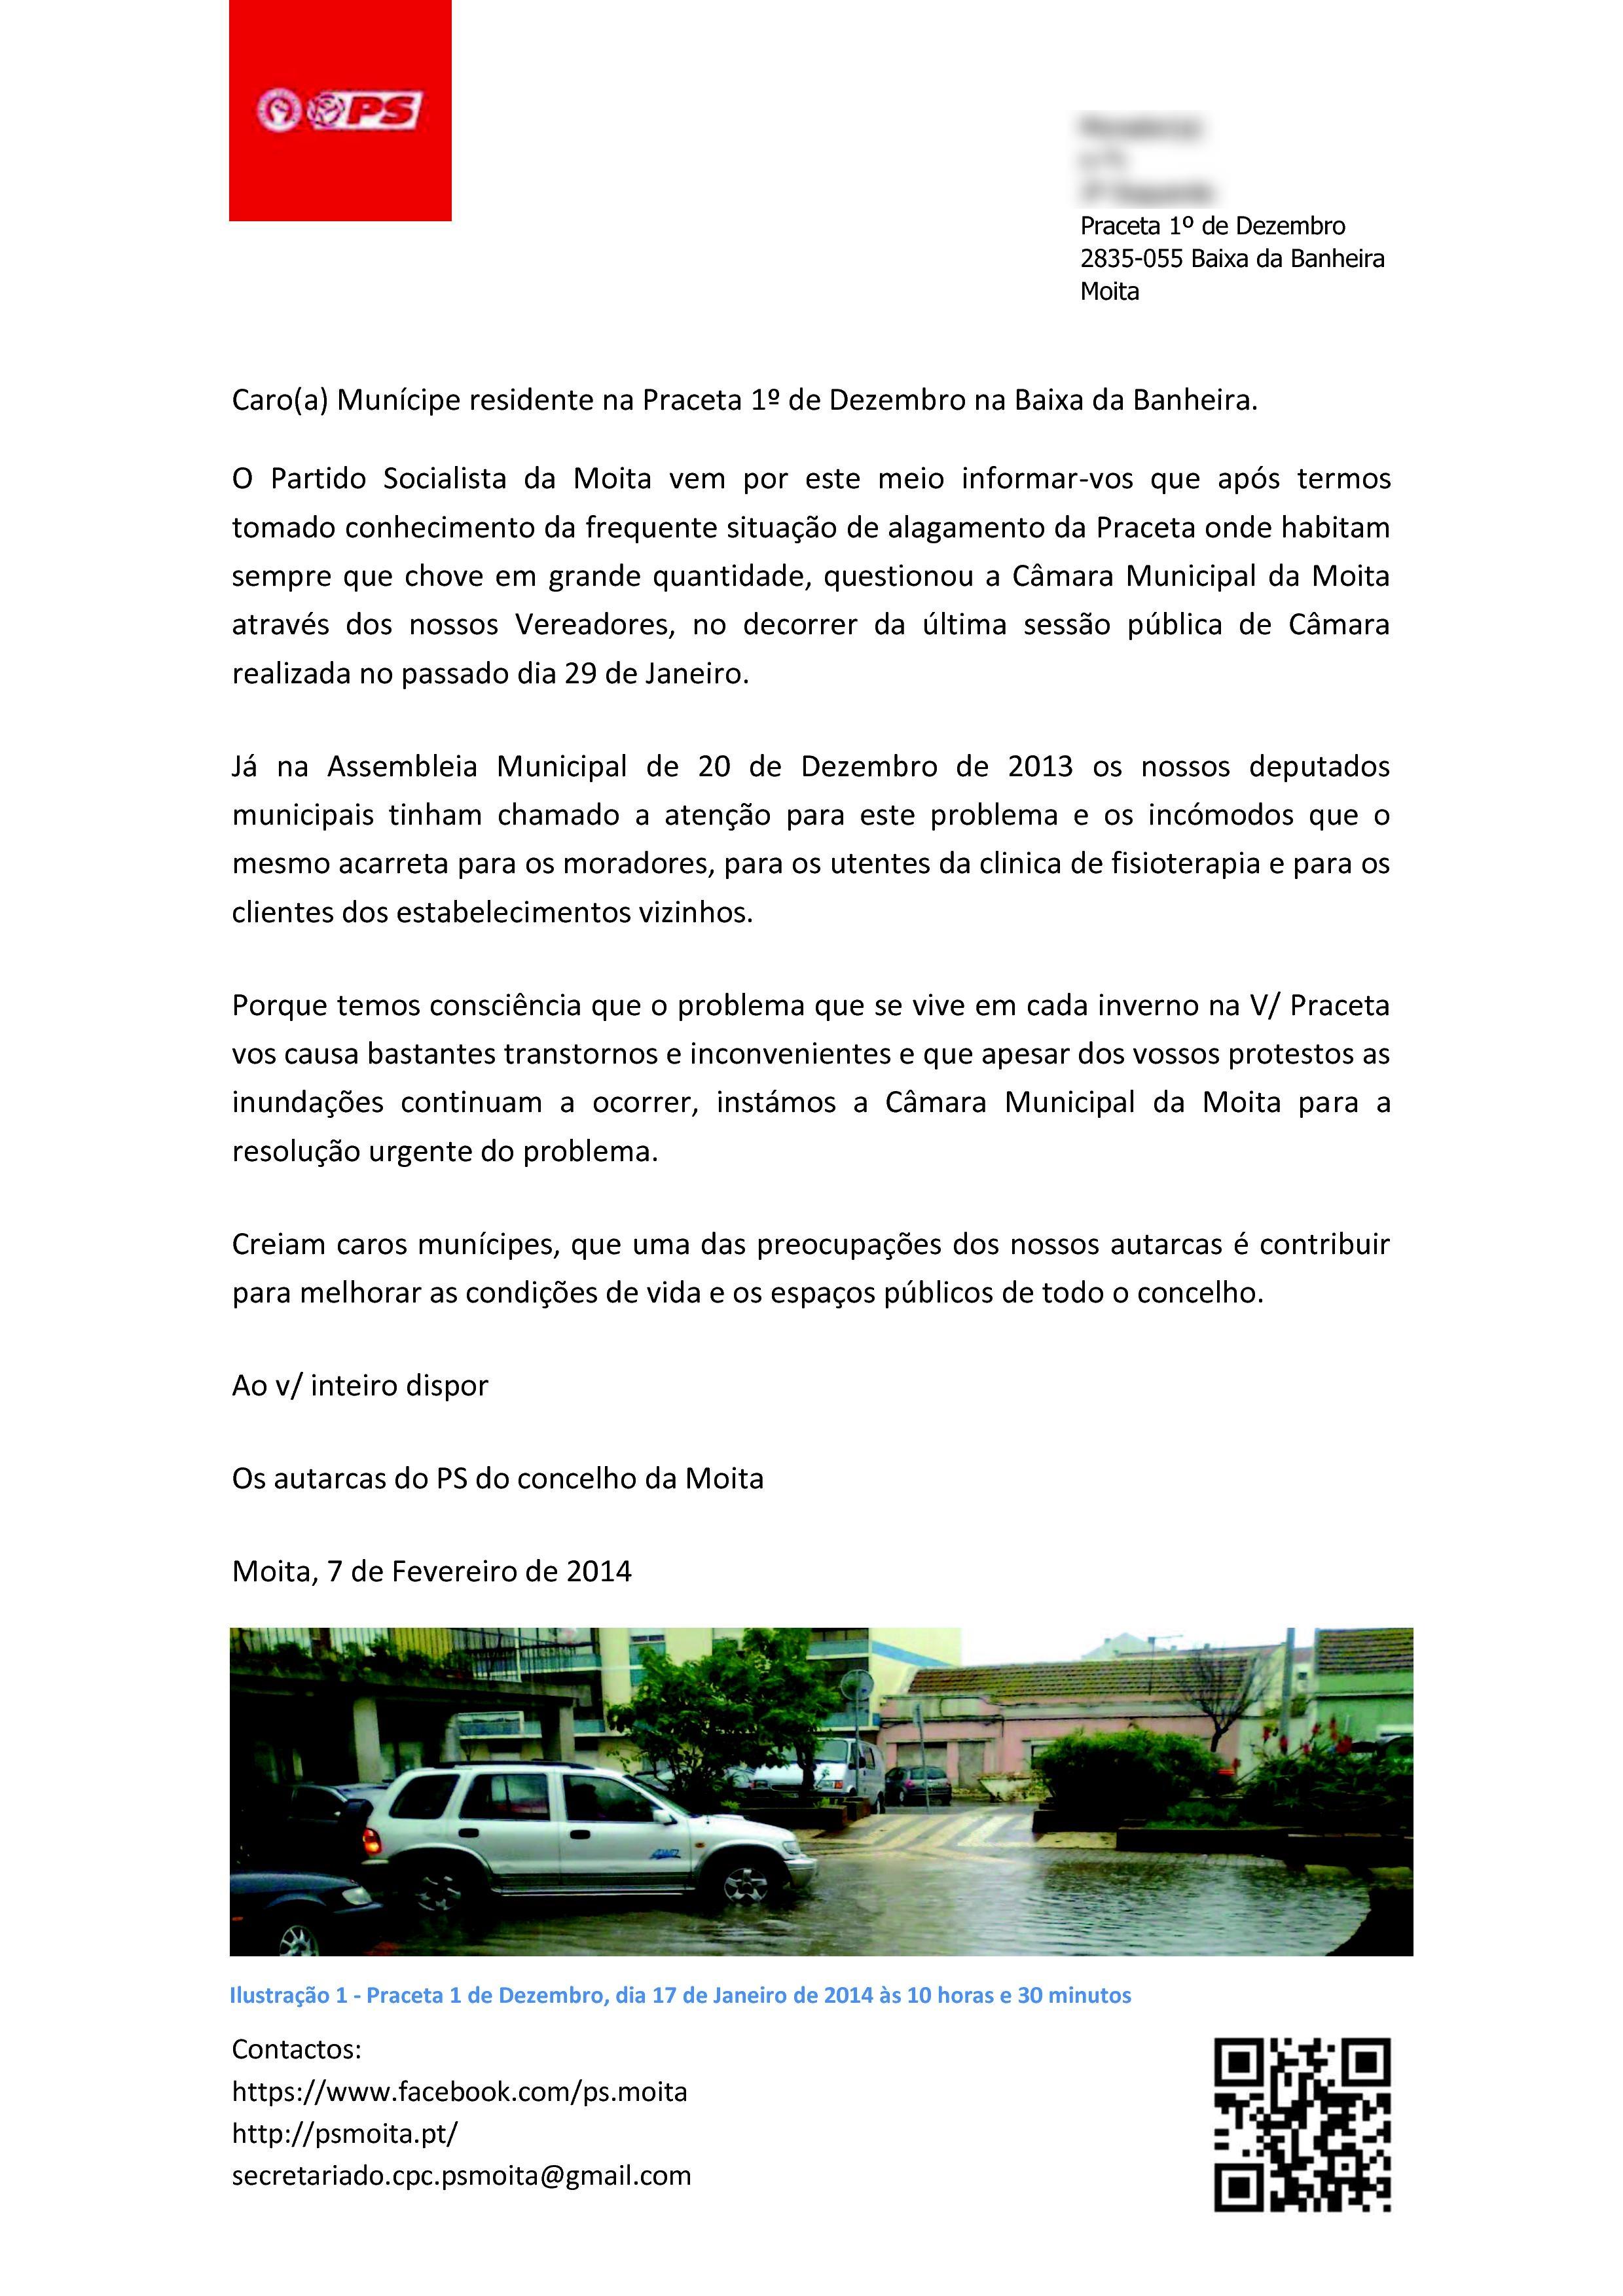 Carta aos moradores da Praceta 1.º de Dezembro, Baixa da Banheira